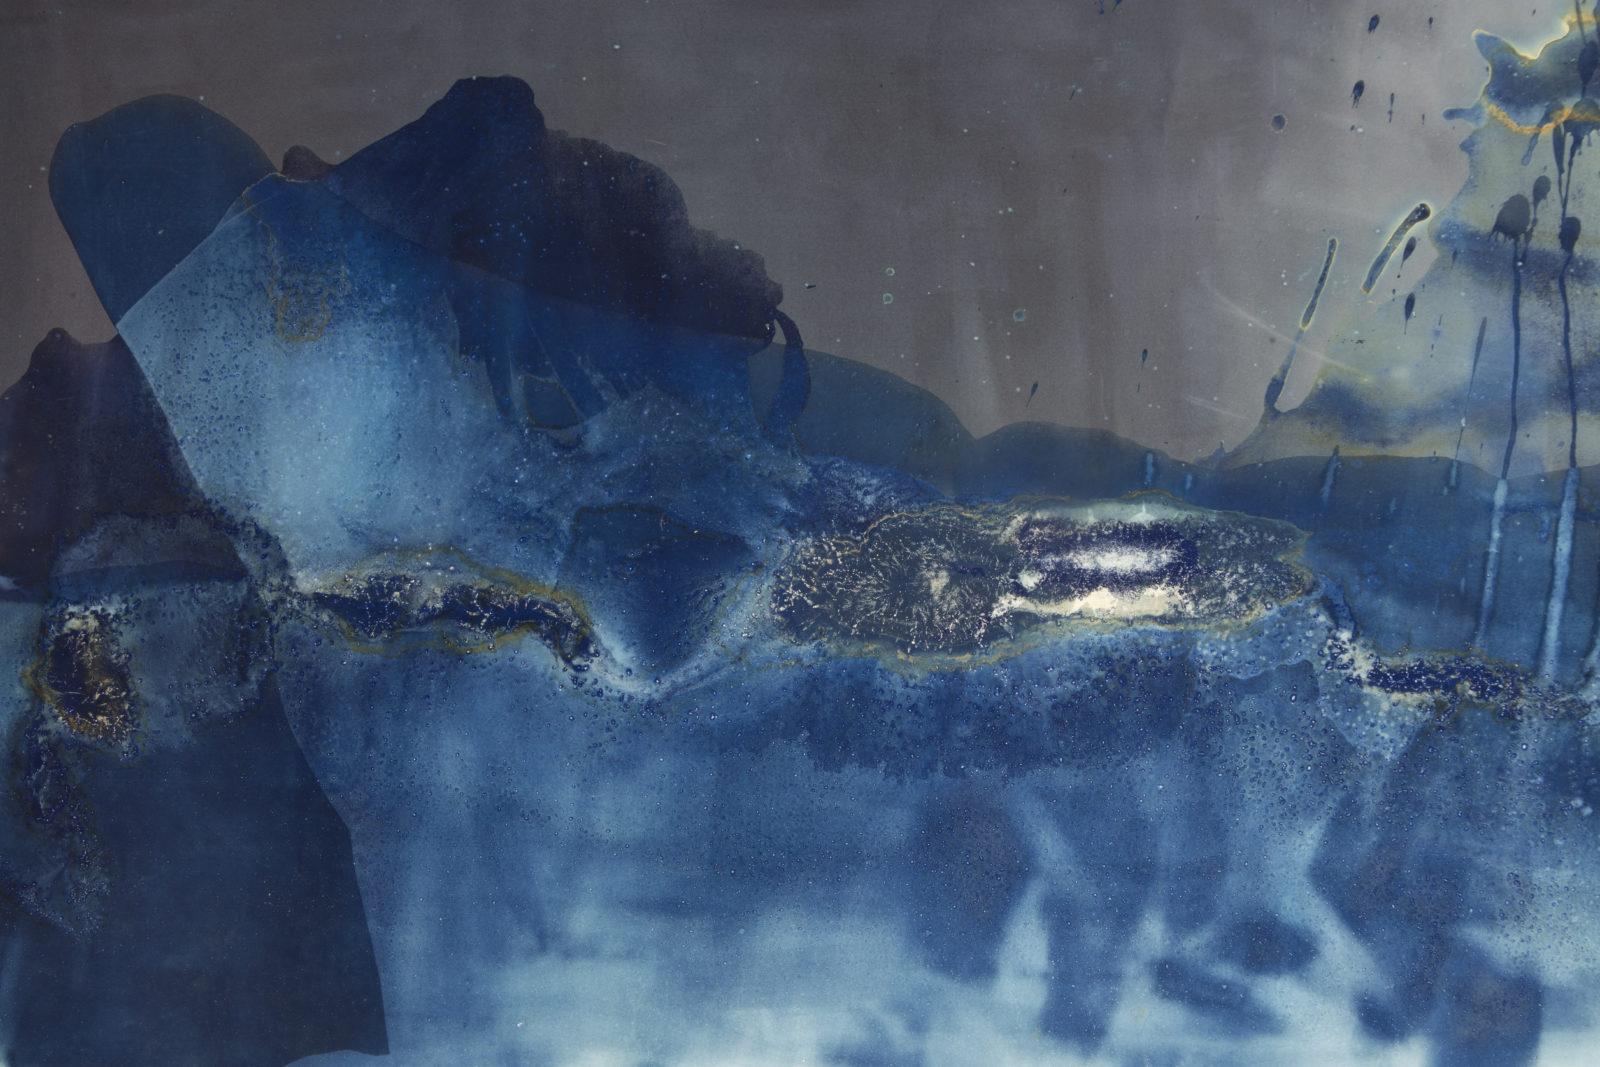 Meghann Riepenhoff: Nearshore -